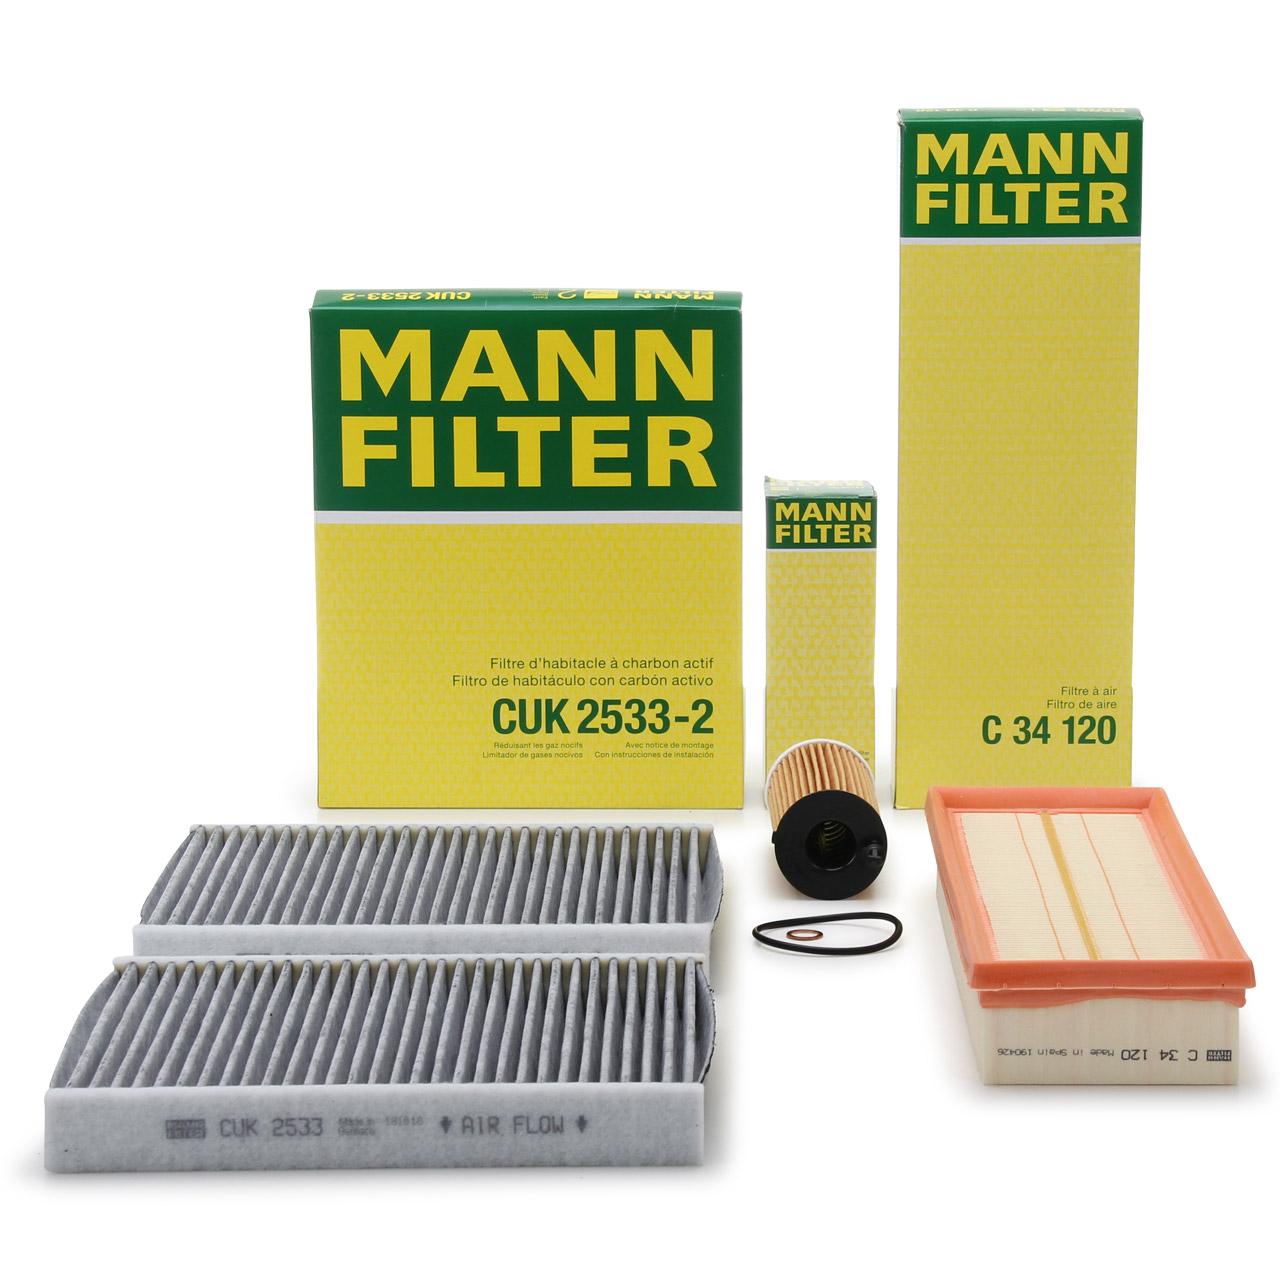 MANN Inspektionskit für BMW 5er F10 F11 518d 150/163 PS + 520d 190/205/211 PS